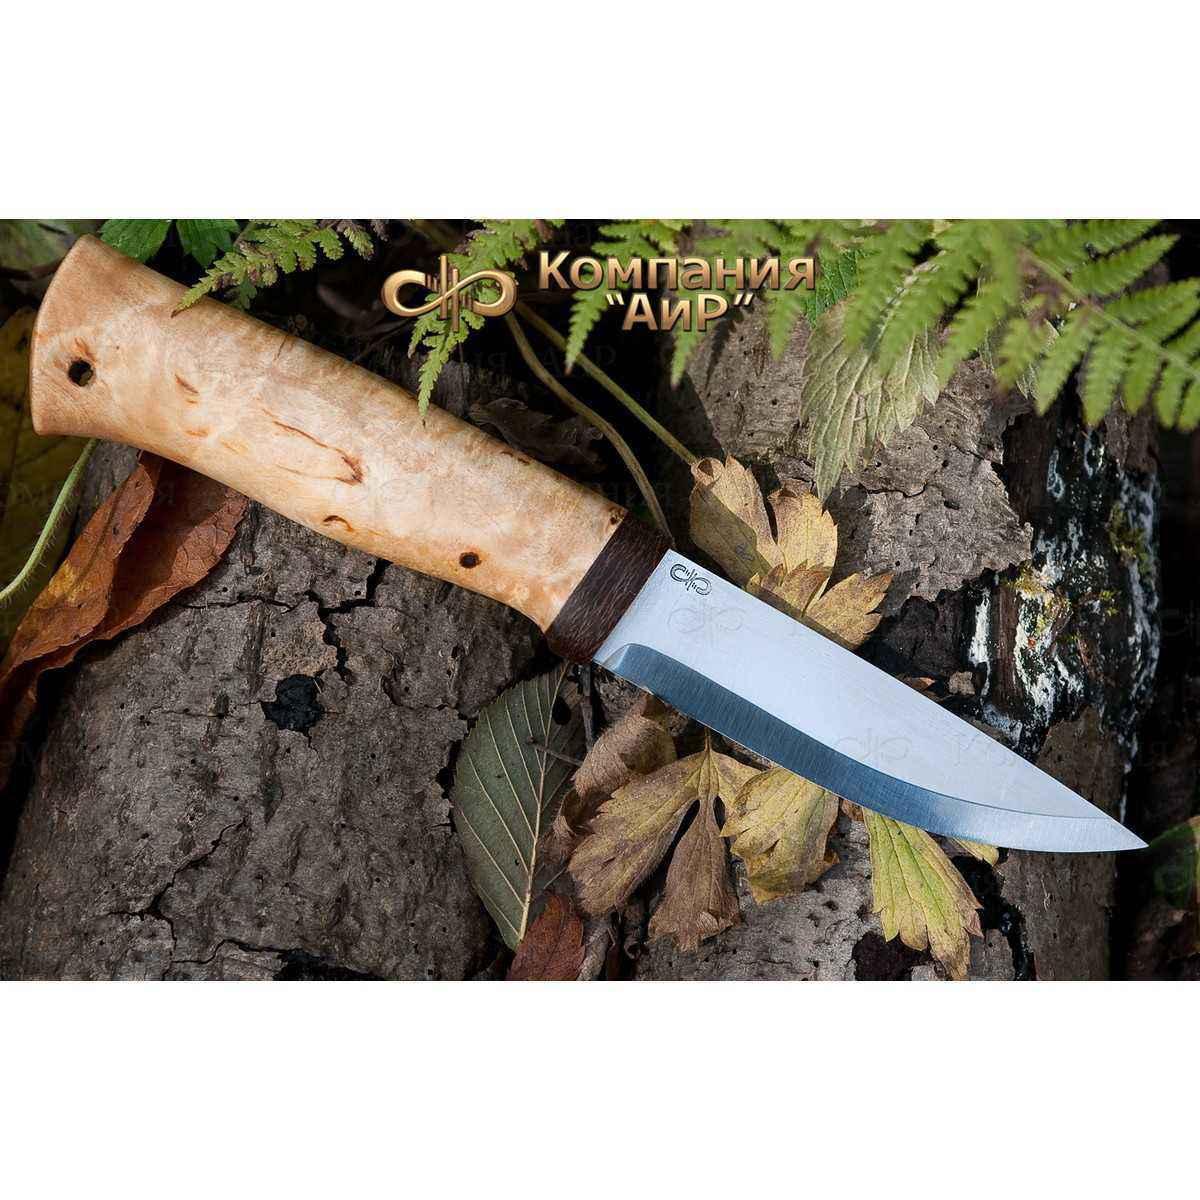 Нож разделочный АиР Кузюк, сталь 100х13м, рукоять карельская береза нож разделочный скинер карельская береза 100х13м аир